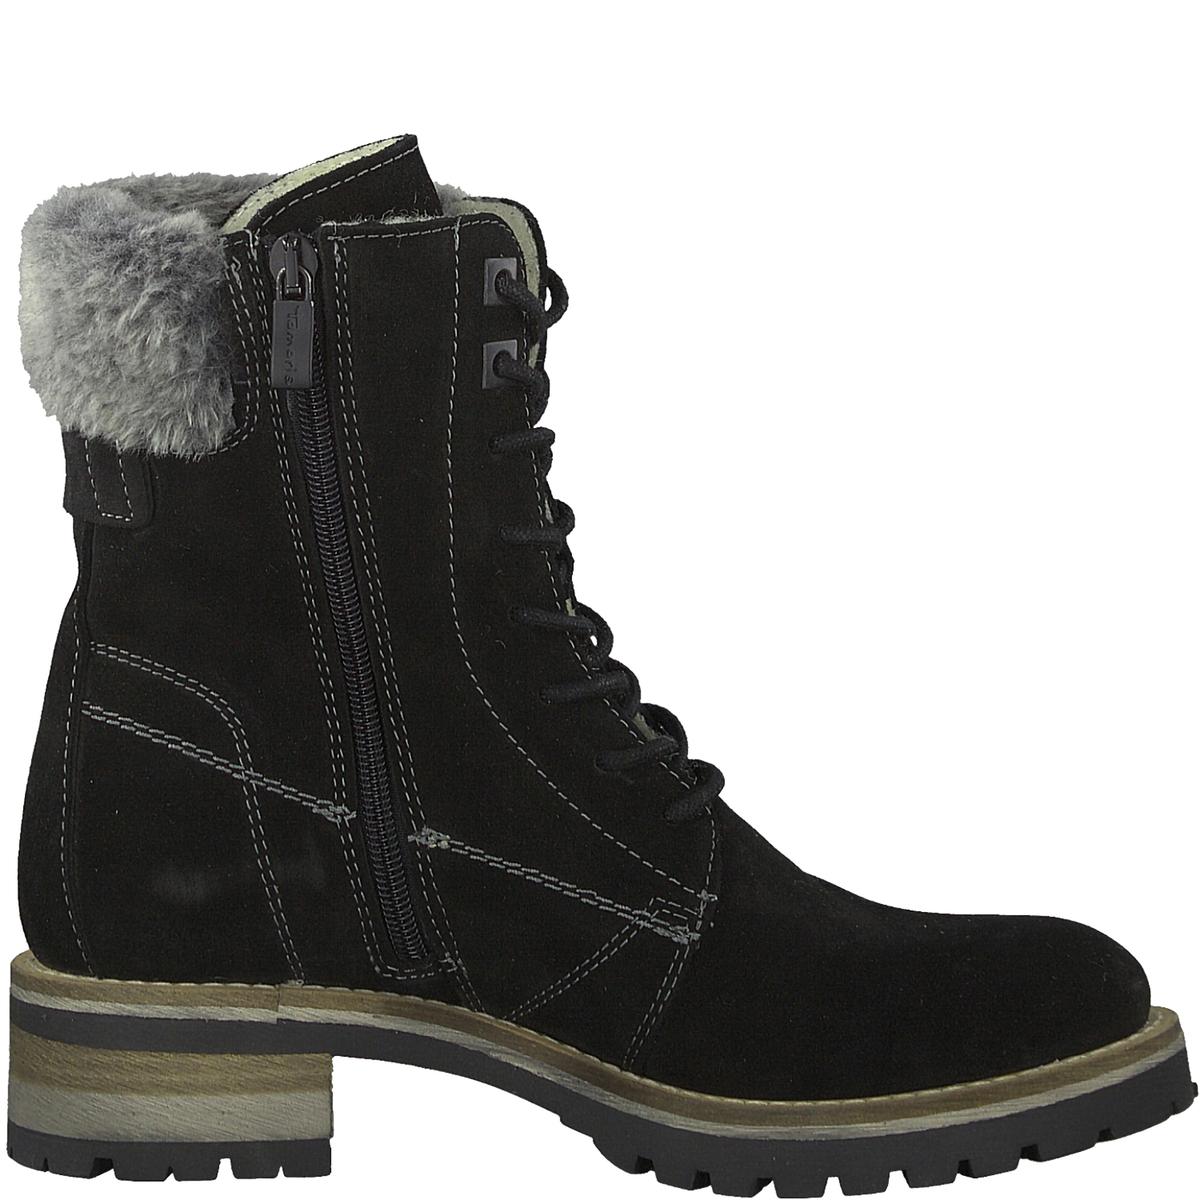 Ботинки TulyДетали •  Высота голенища : 17 см для размера 37 •  Высота каблука : 3,5 см •  Застежка : на молнию •  Круглый мысокСостав и уход •  Верх 50% кожи, 50% текстиля •  Подкладка 100% текстиль •  Стелька 100% текстиль<br><br>Цвет: черный<br>Размер: 40